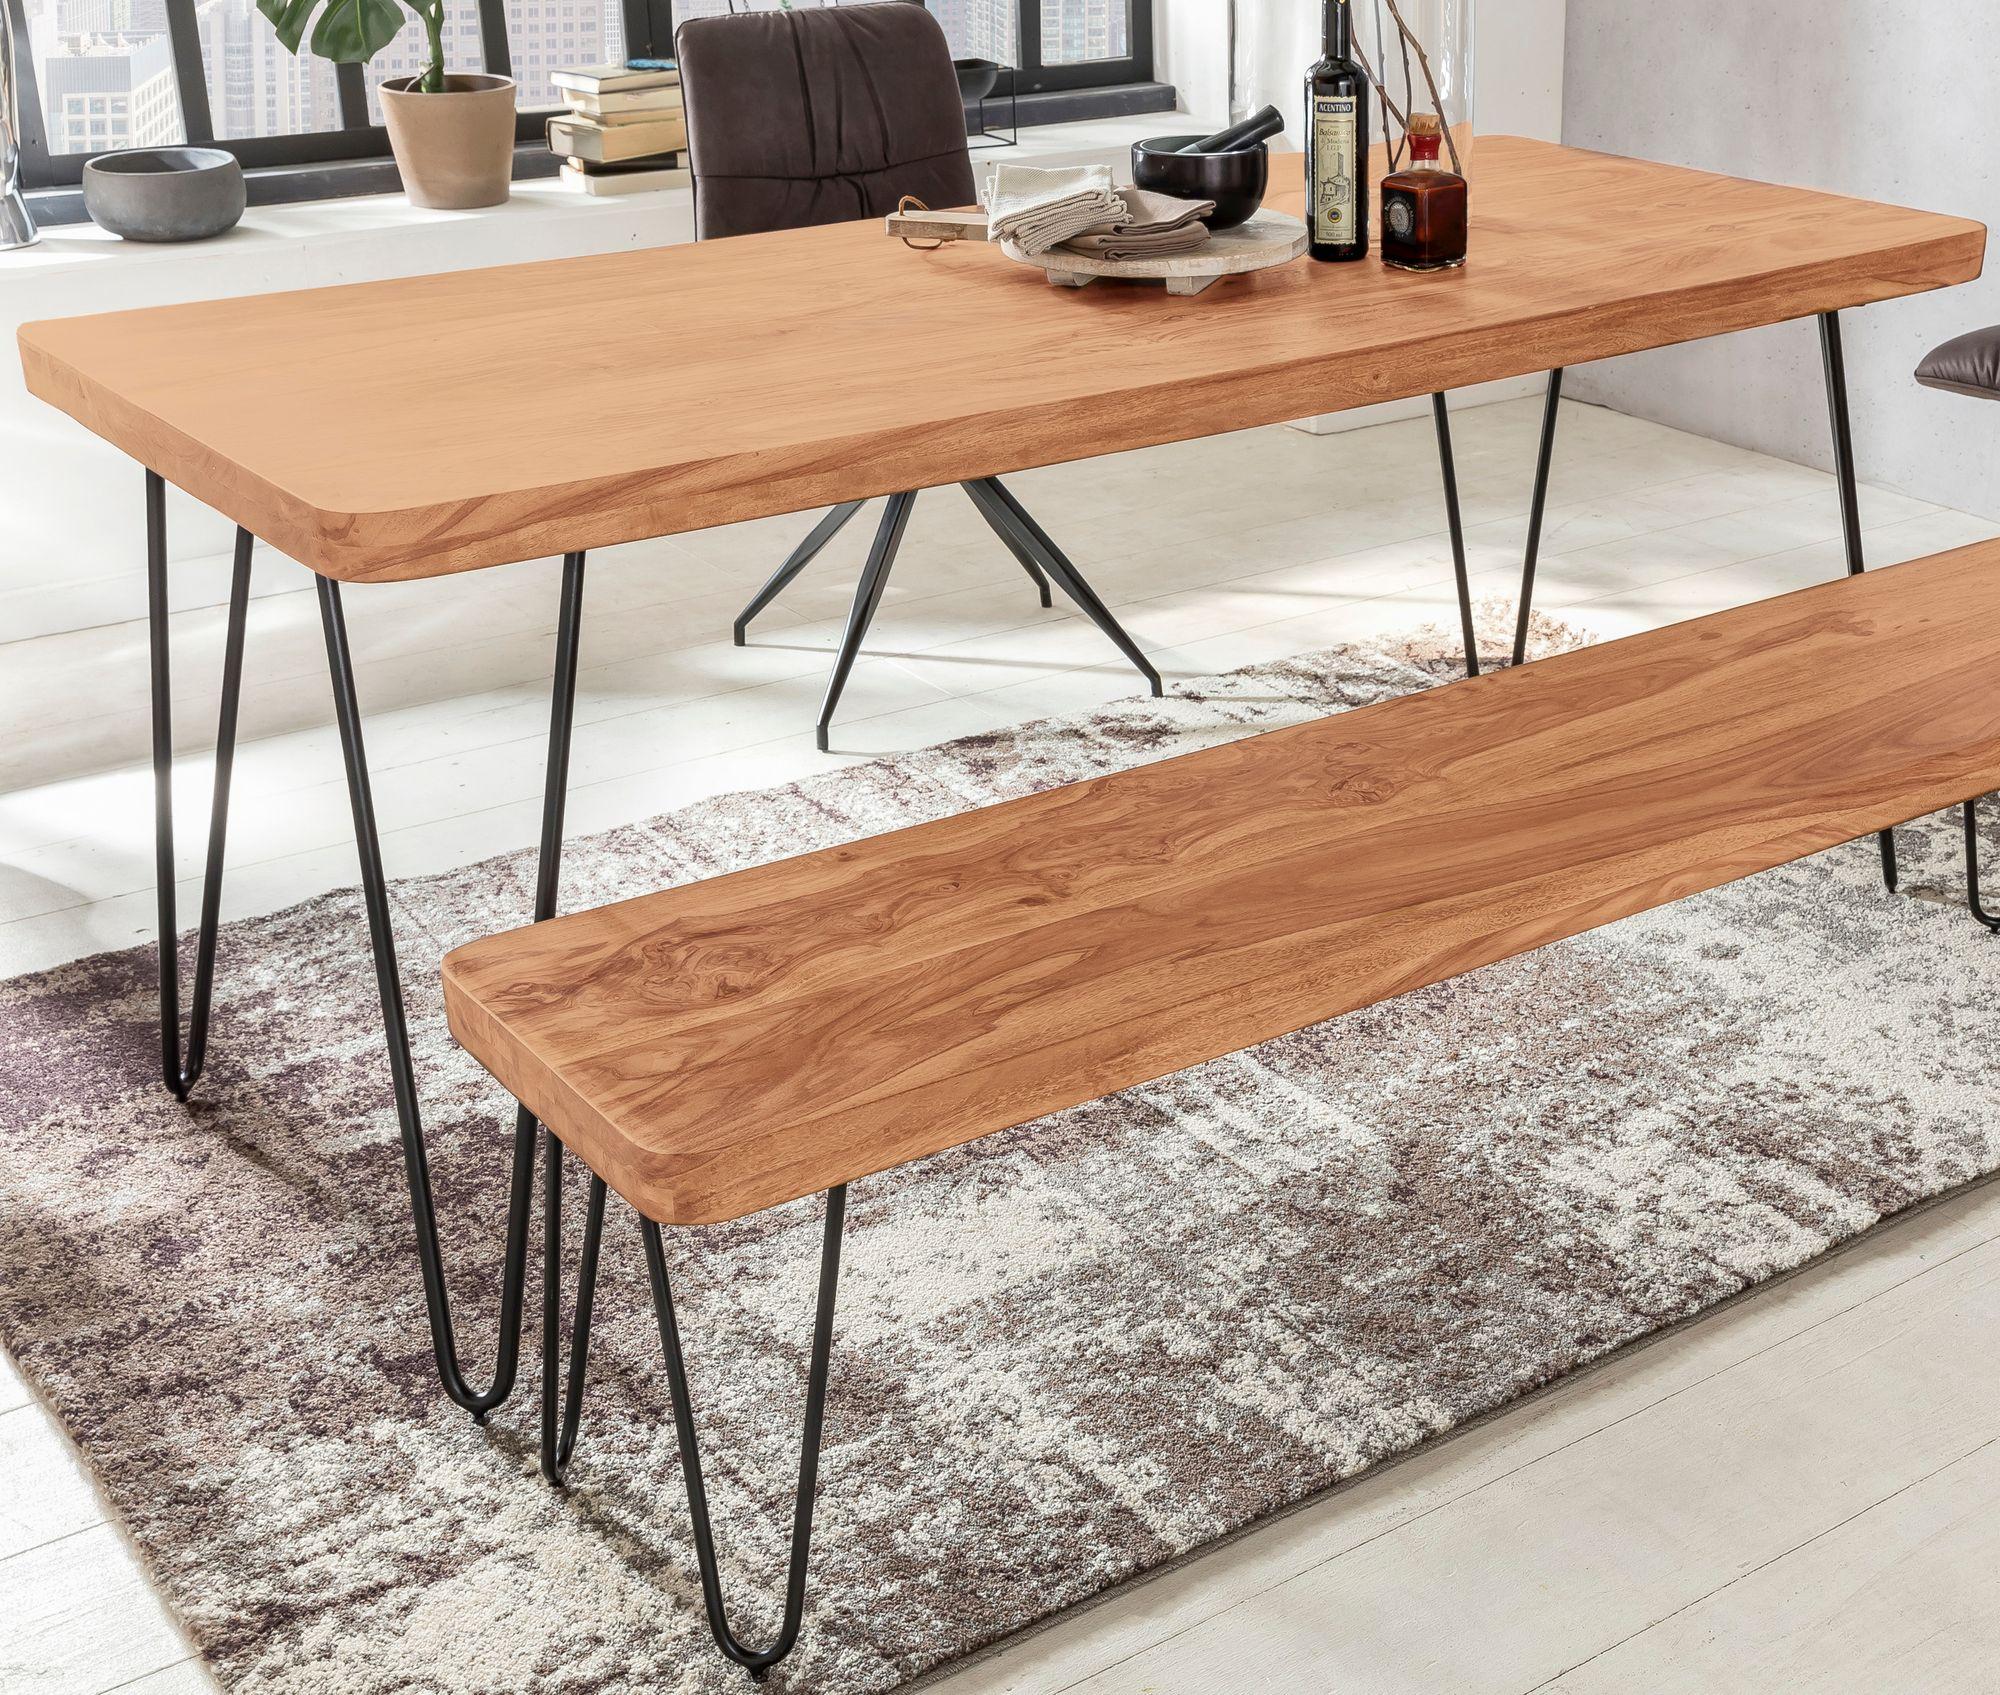 Exquisit Tisch Esszimmer Referenz Von Massiver Esstisch Harlem Akazie Massiv Holz  